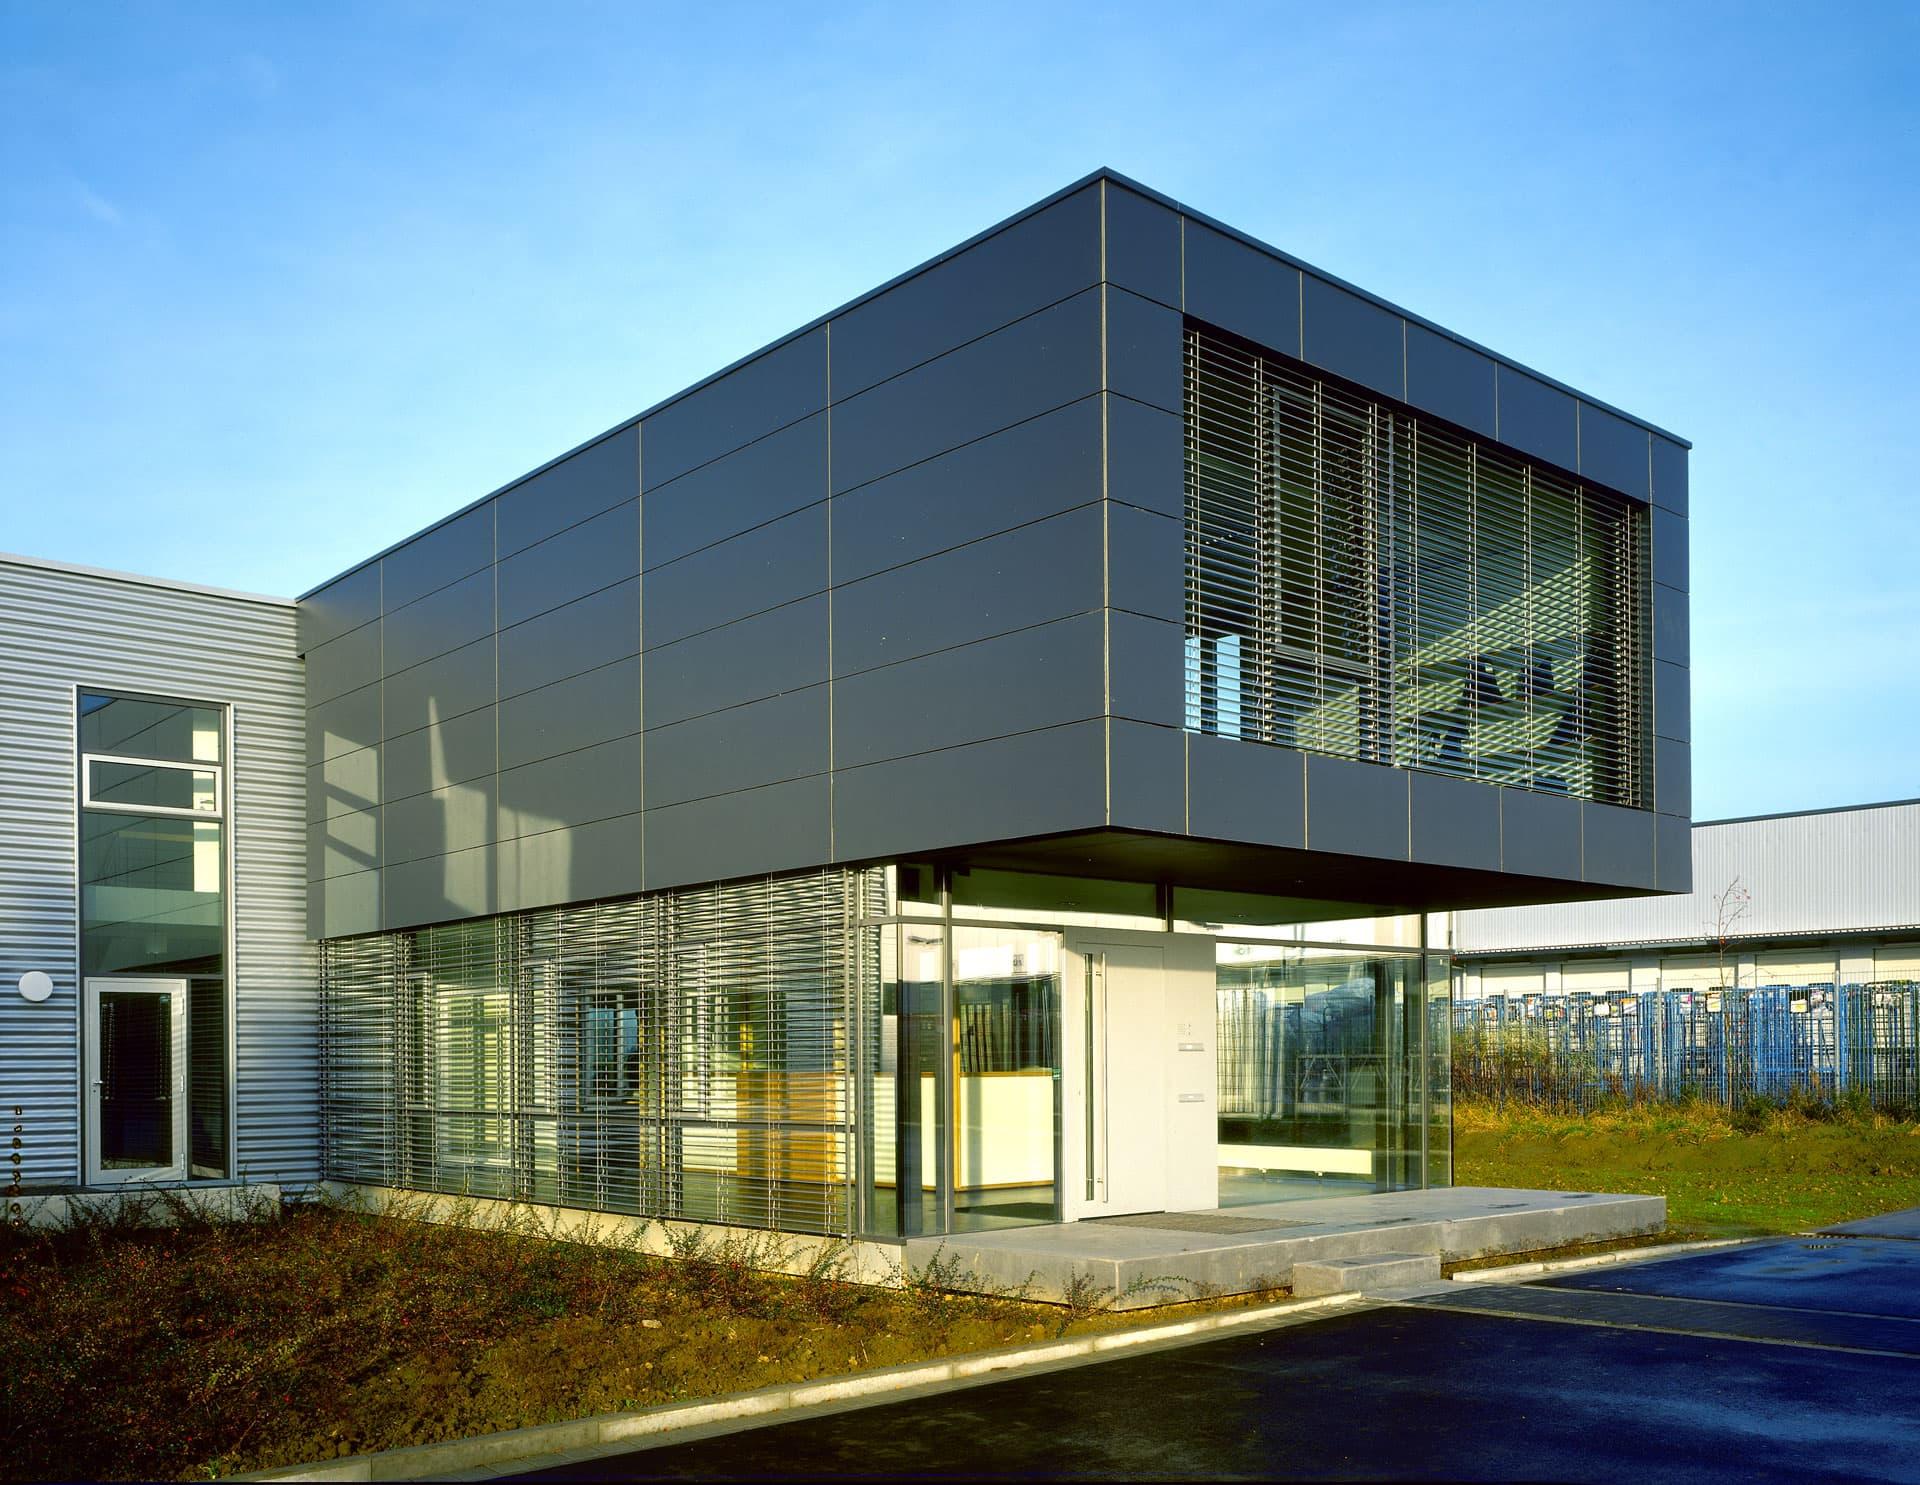 Halfar system gmbh bhp architekten generalplaner gmbh br chner h ttemann pasch in bielefeld - Bhp architekten ...